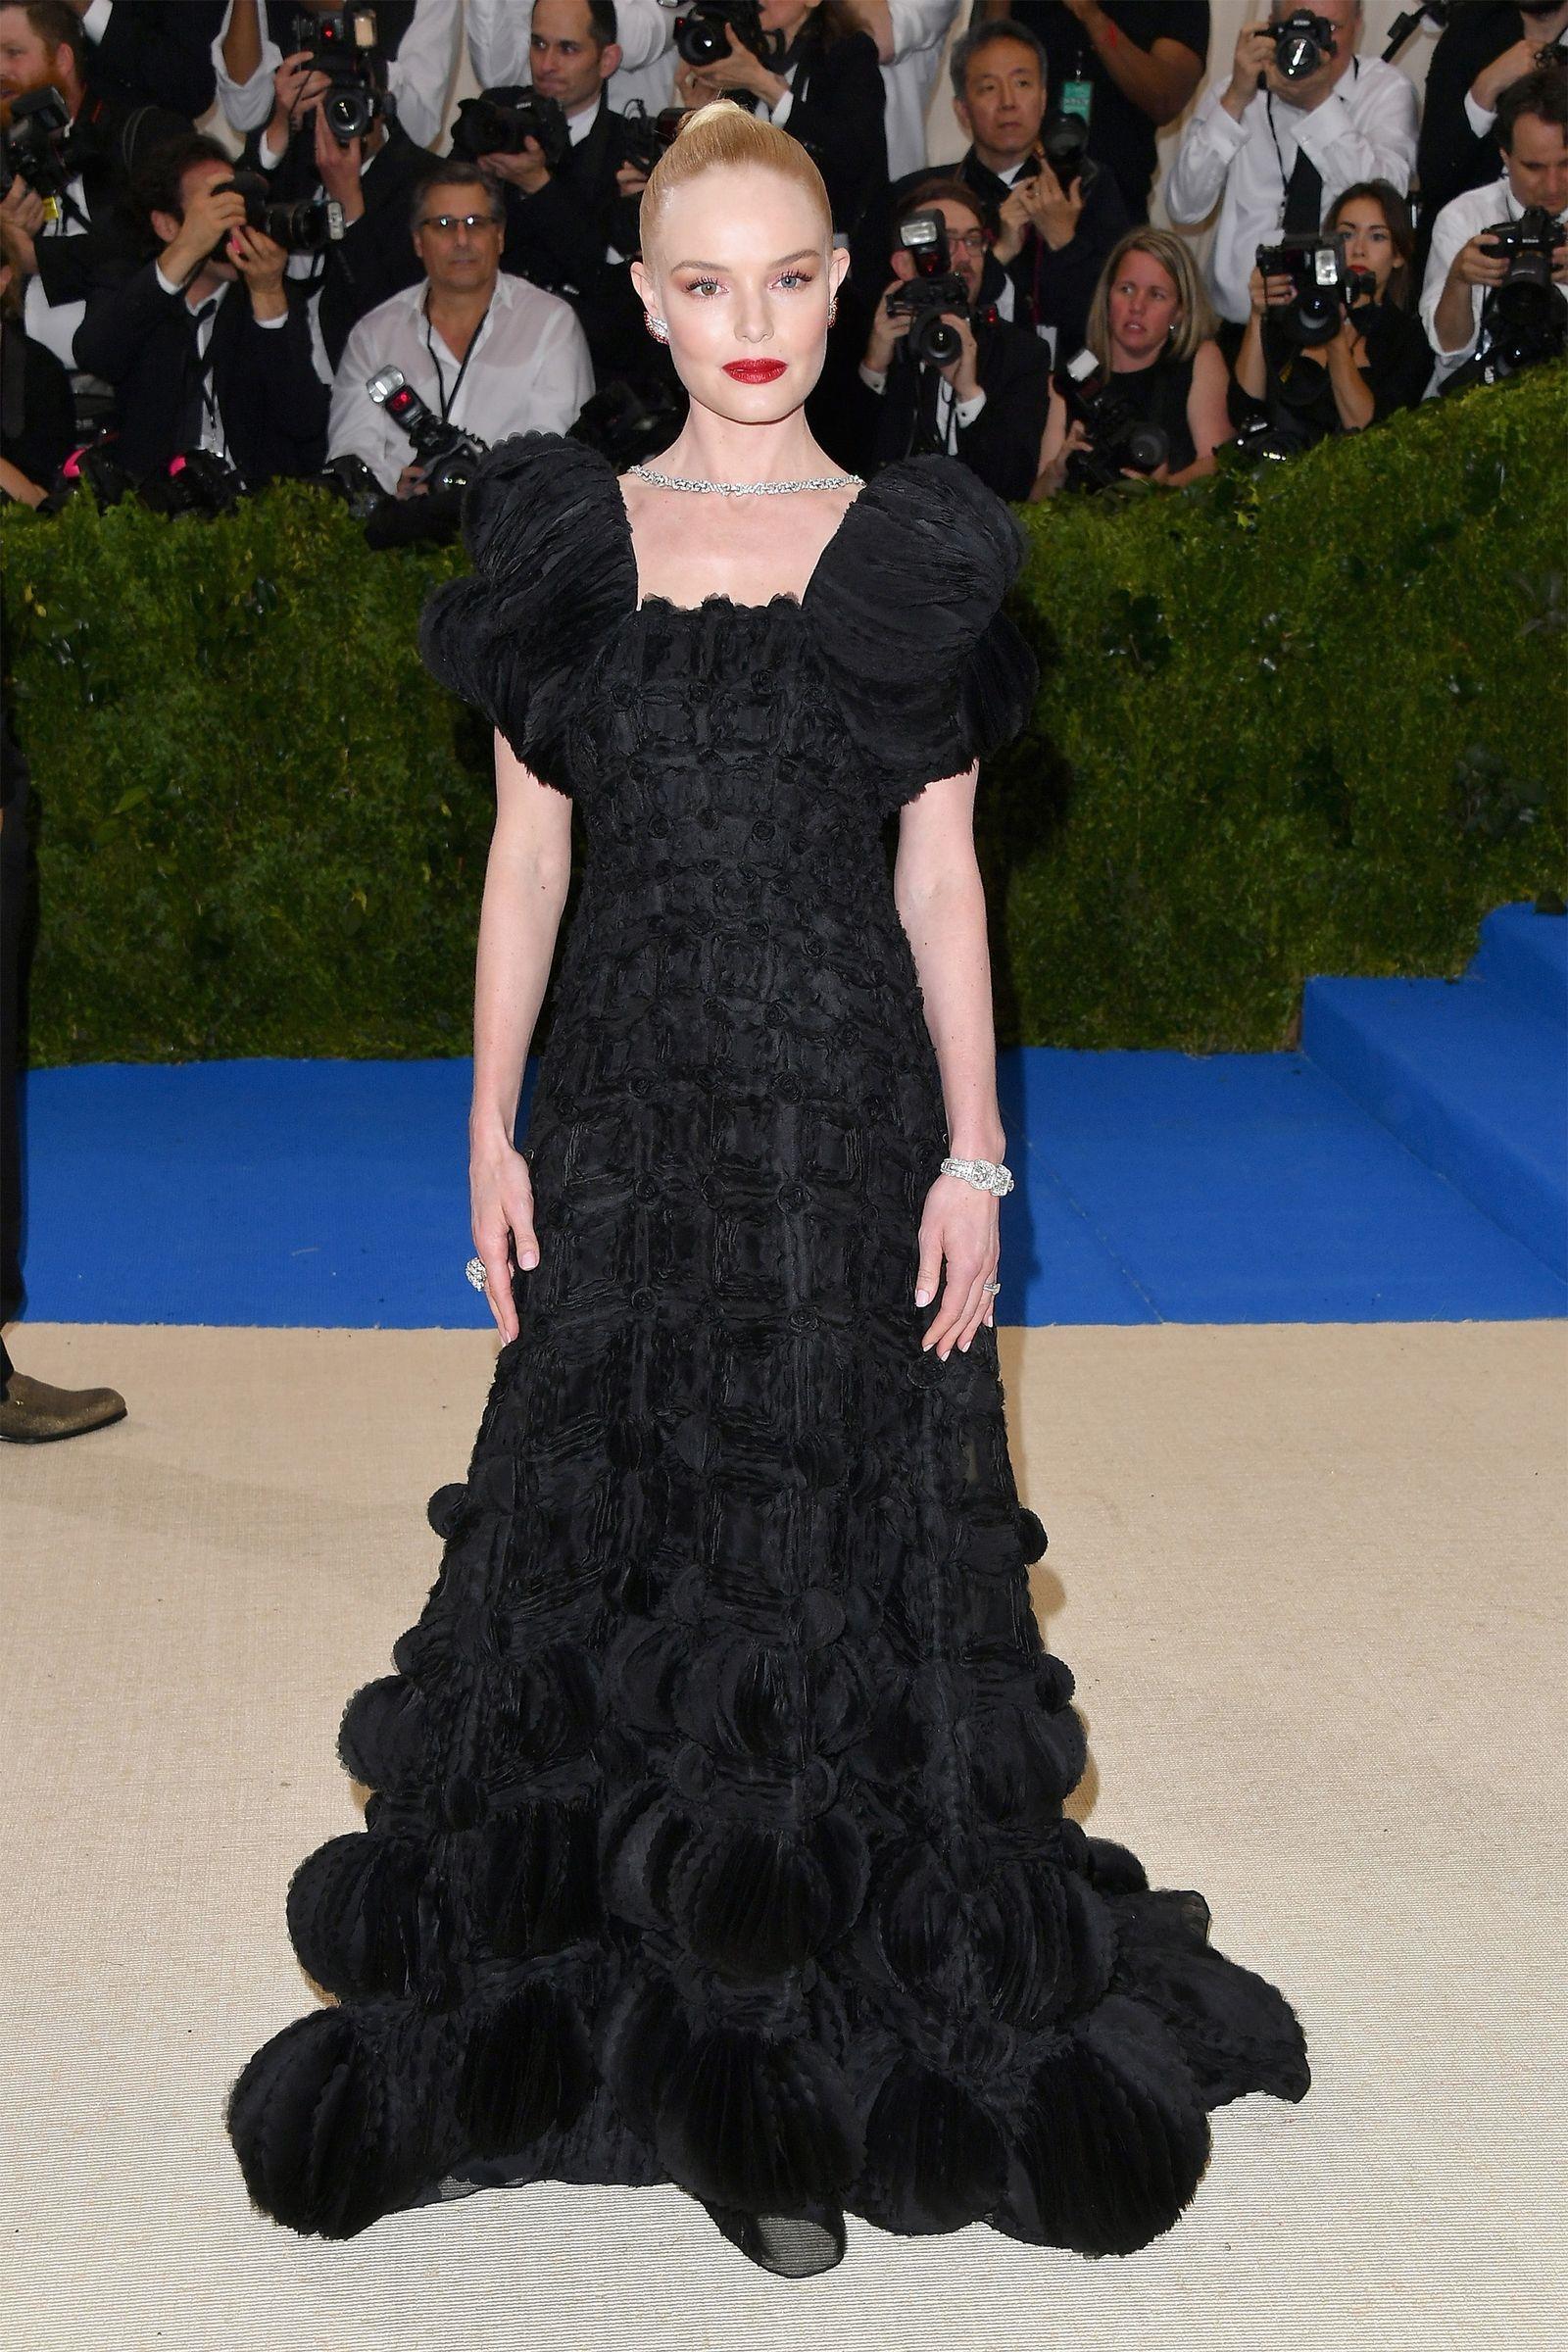 067385f041db Kate Bosworth in Tony Burch Φορέματα Για Το Κόκκινο Χαλί